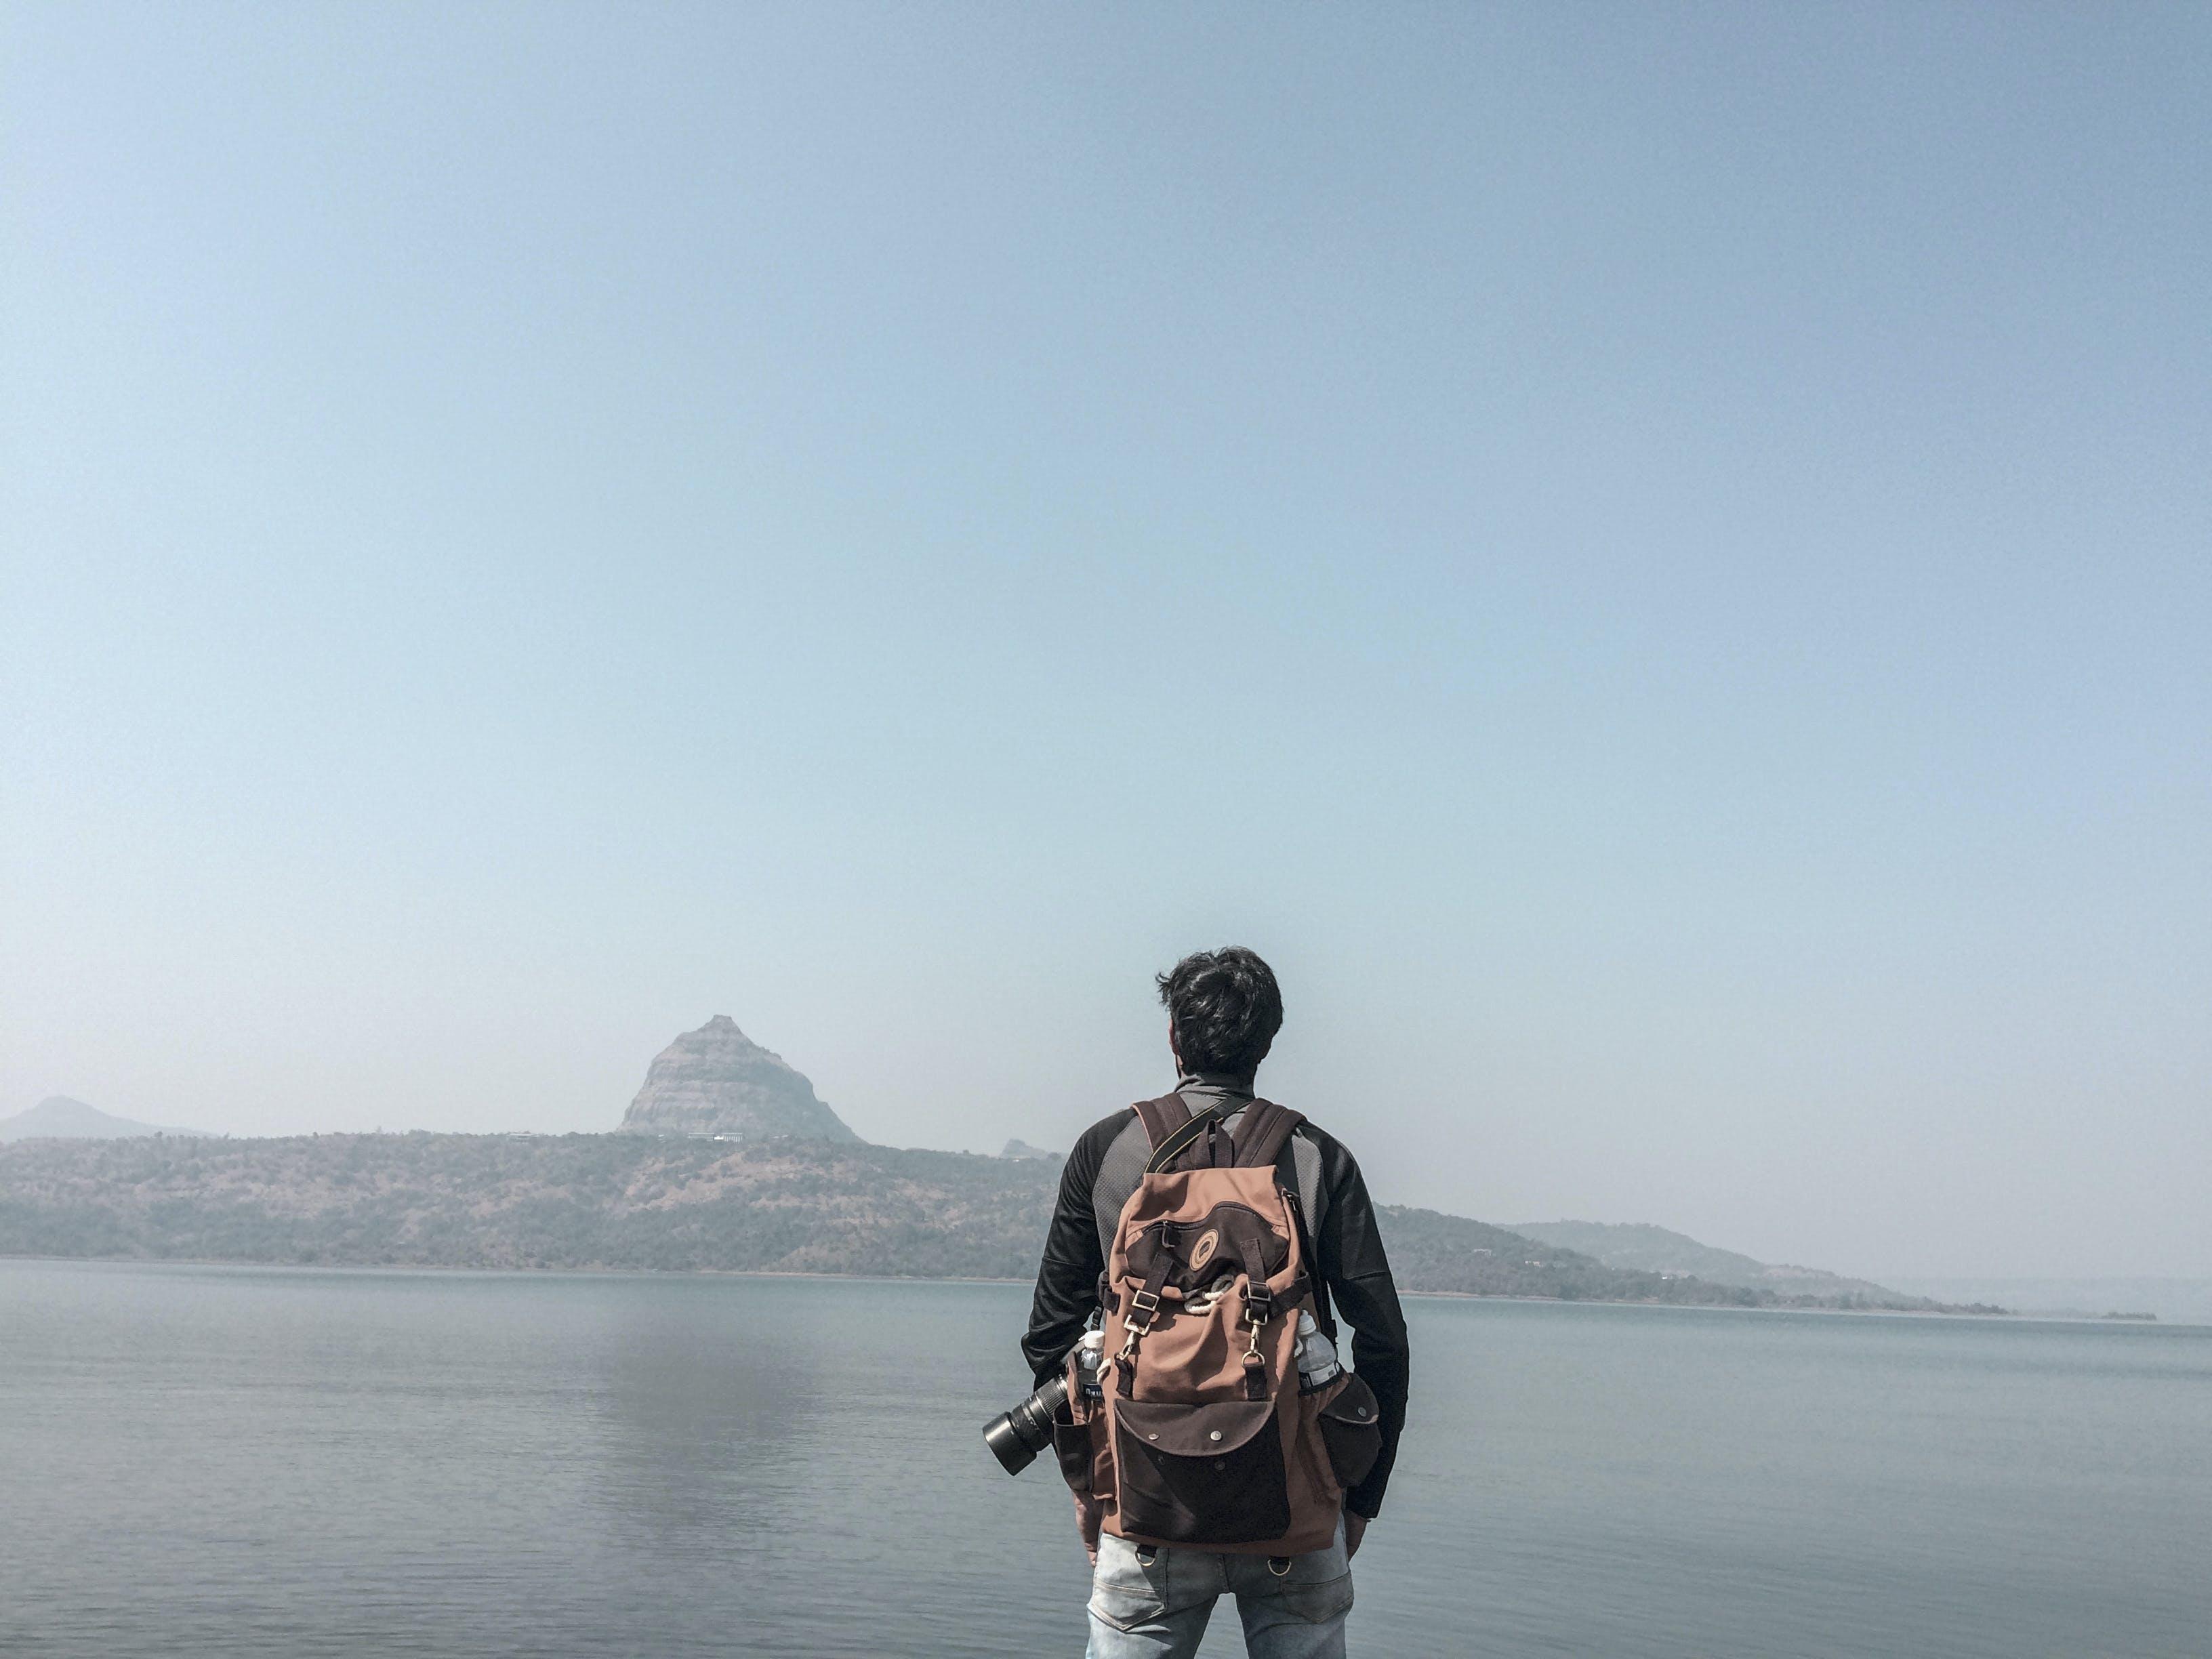 Gratis stockfoto met achtergrondafbeelding, backpack, berg, buiten